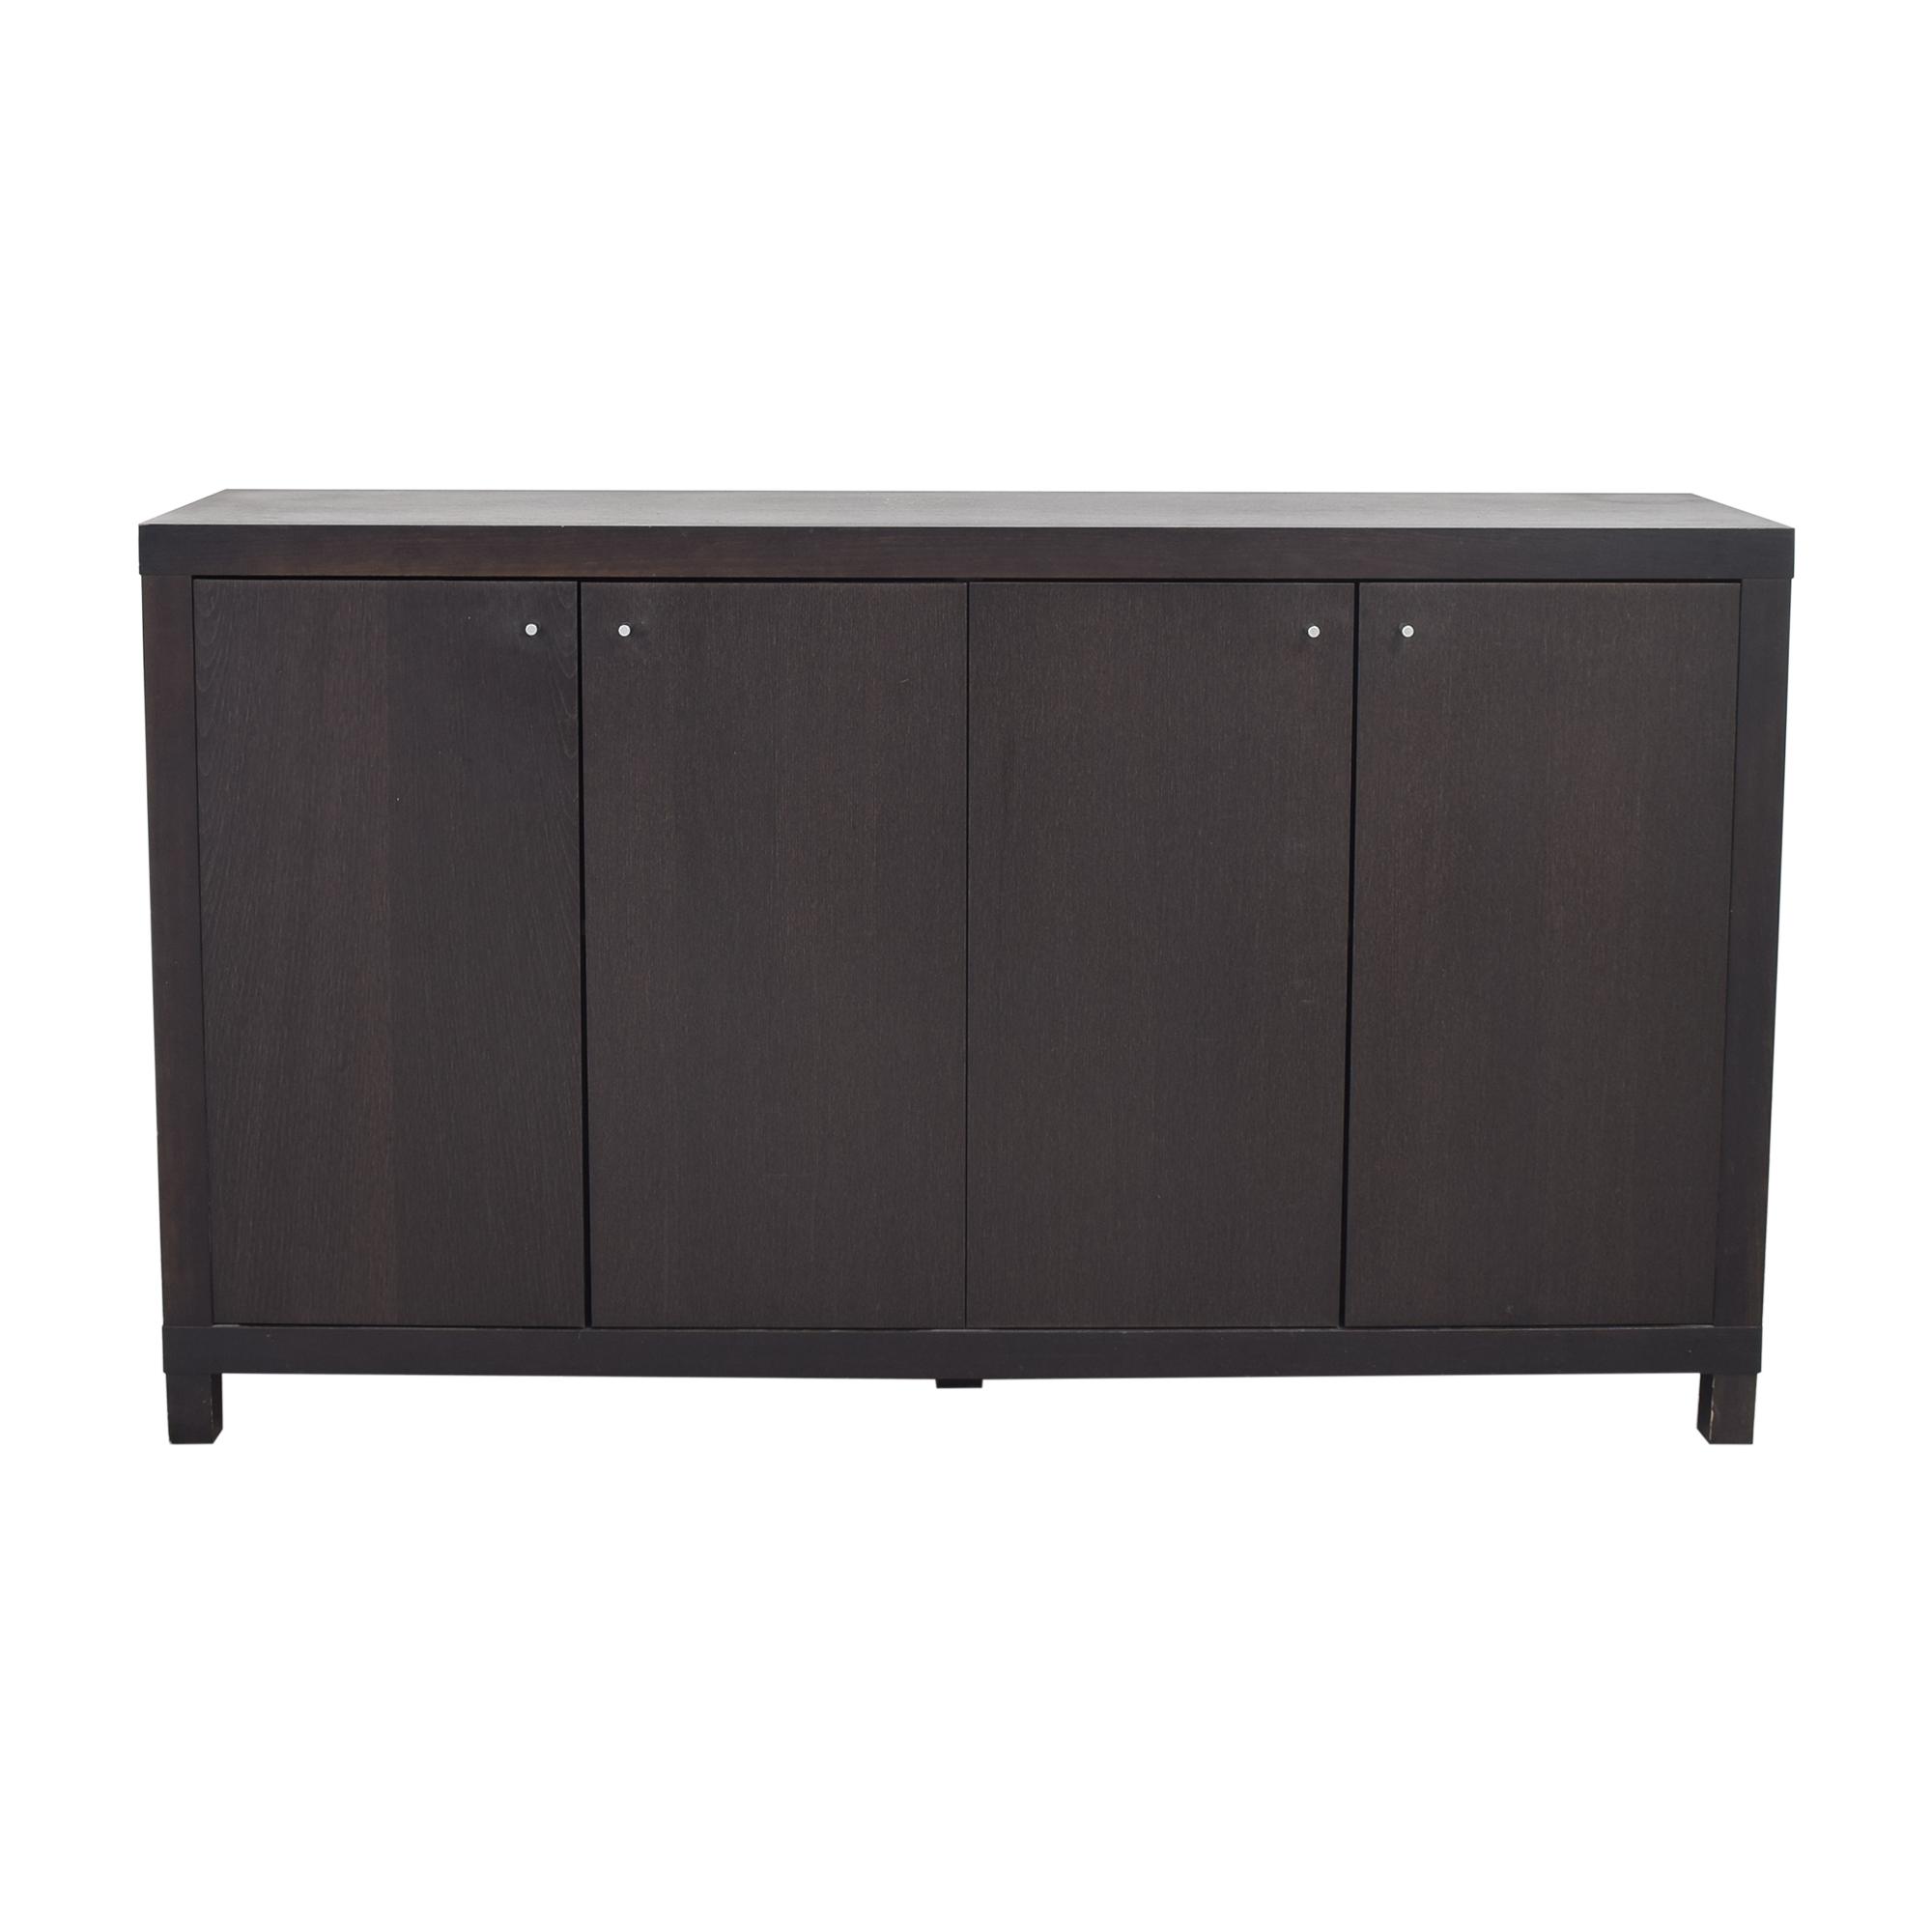 Room & Board Room & Board Modern Buffet Cabinet